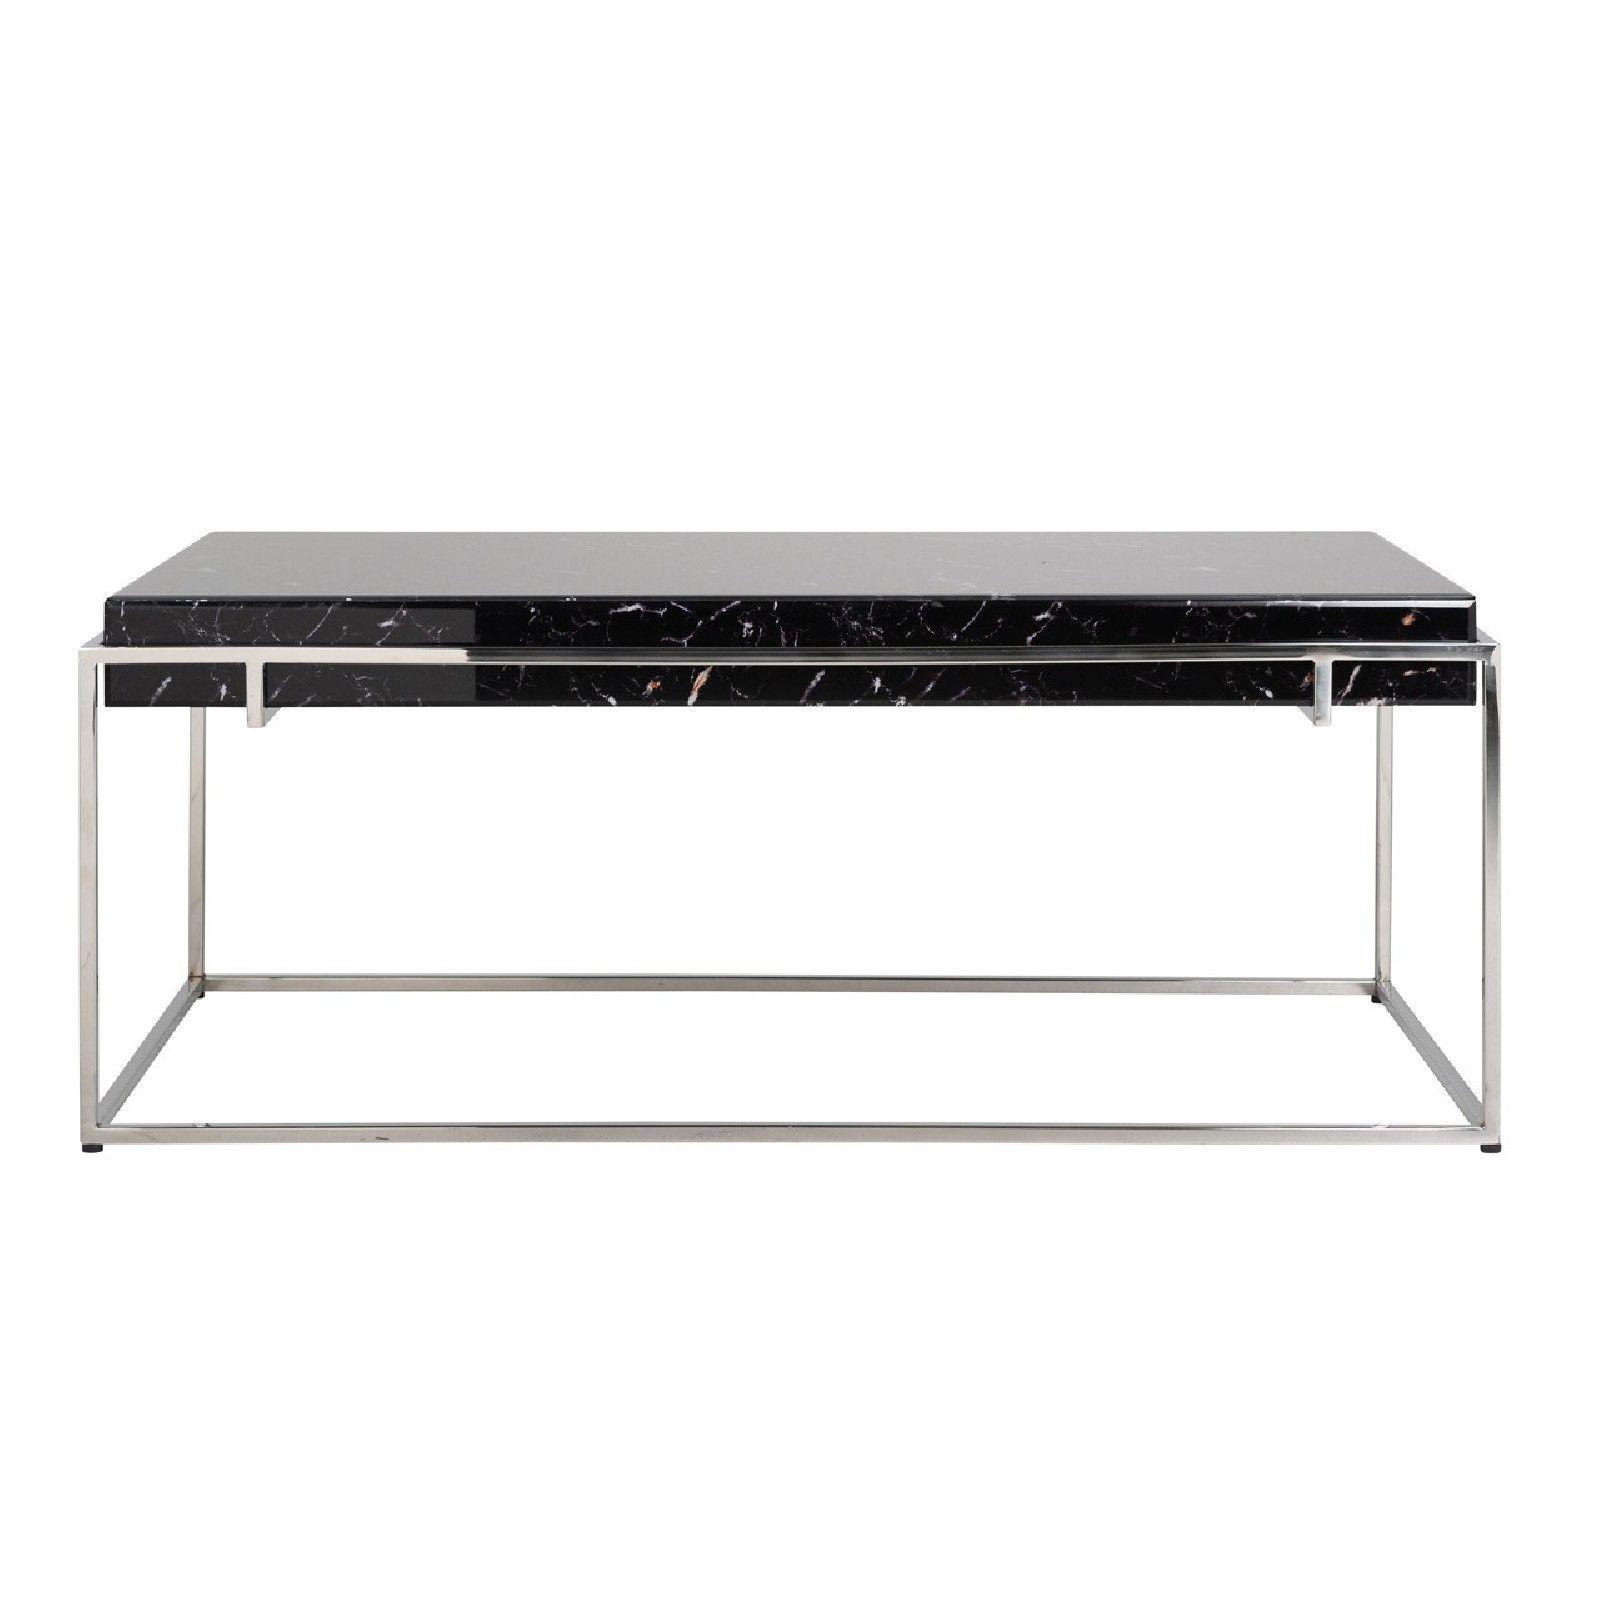 Table basse rectangulaire - Plateau marbre noir